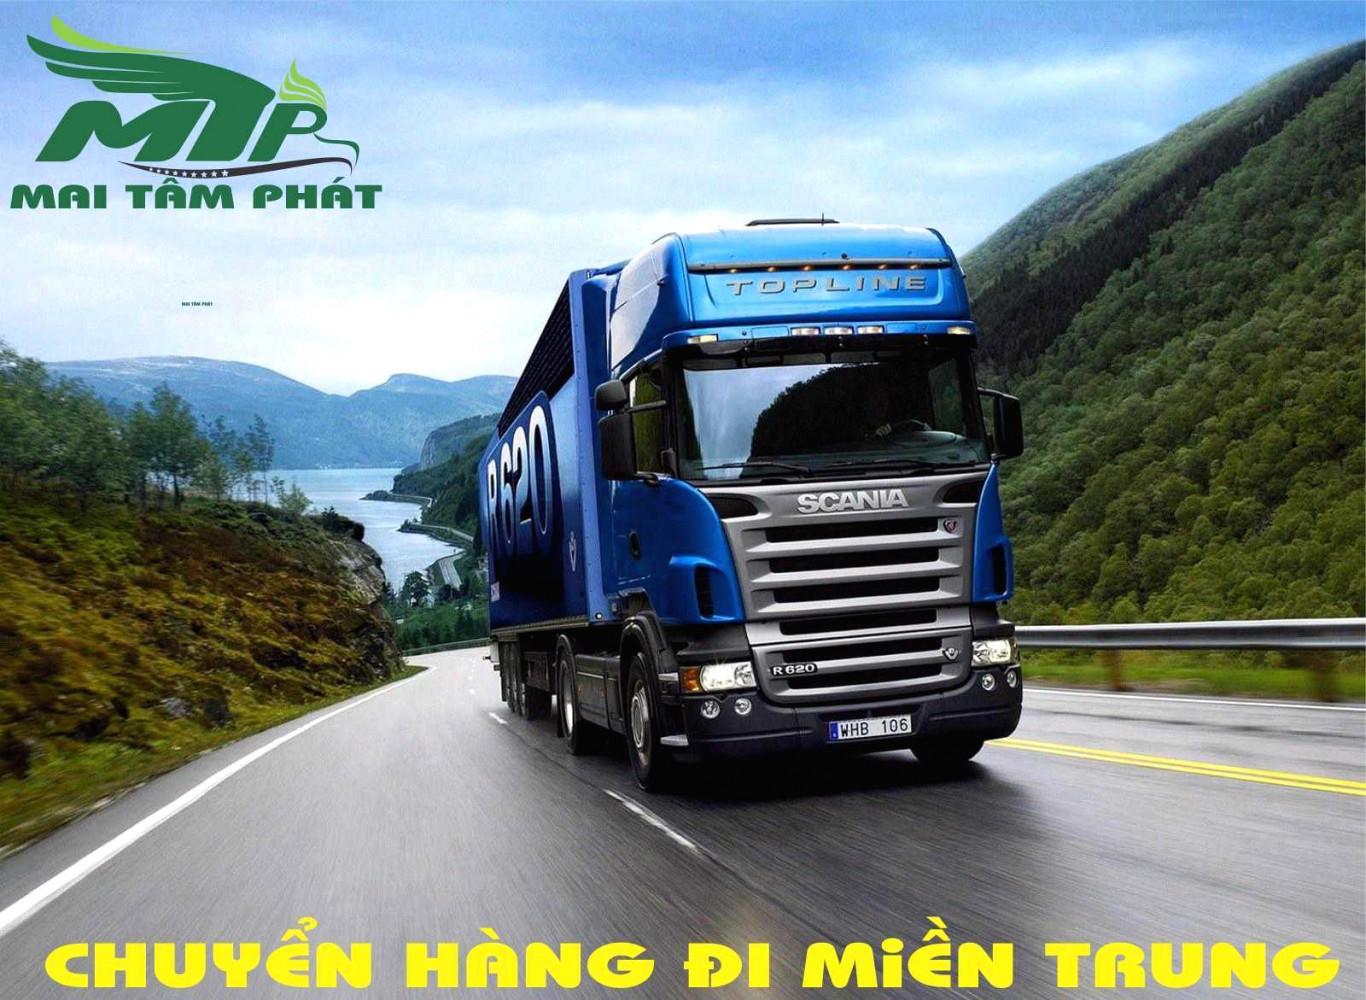 Mai Tâm Phát: Đơn vị gom hàng uy tín top đầu TP.HCM